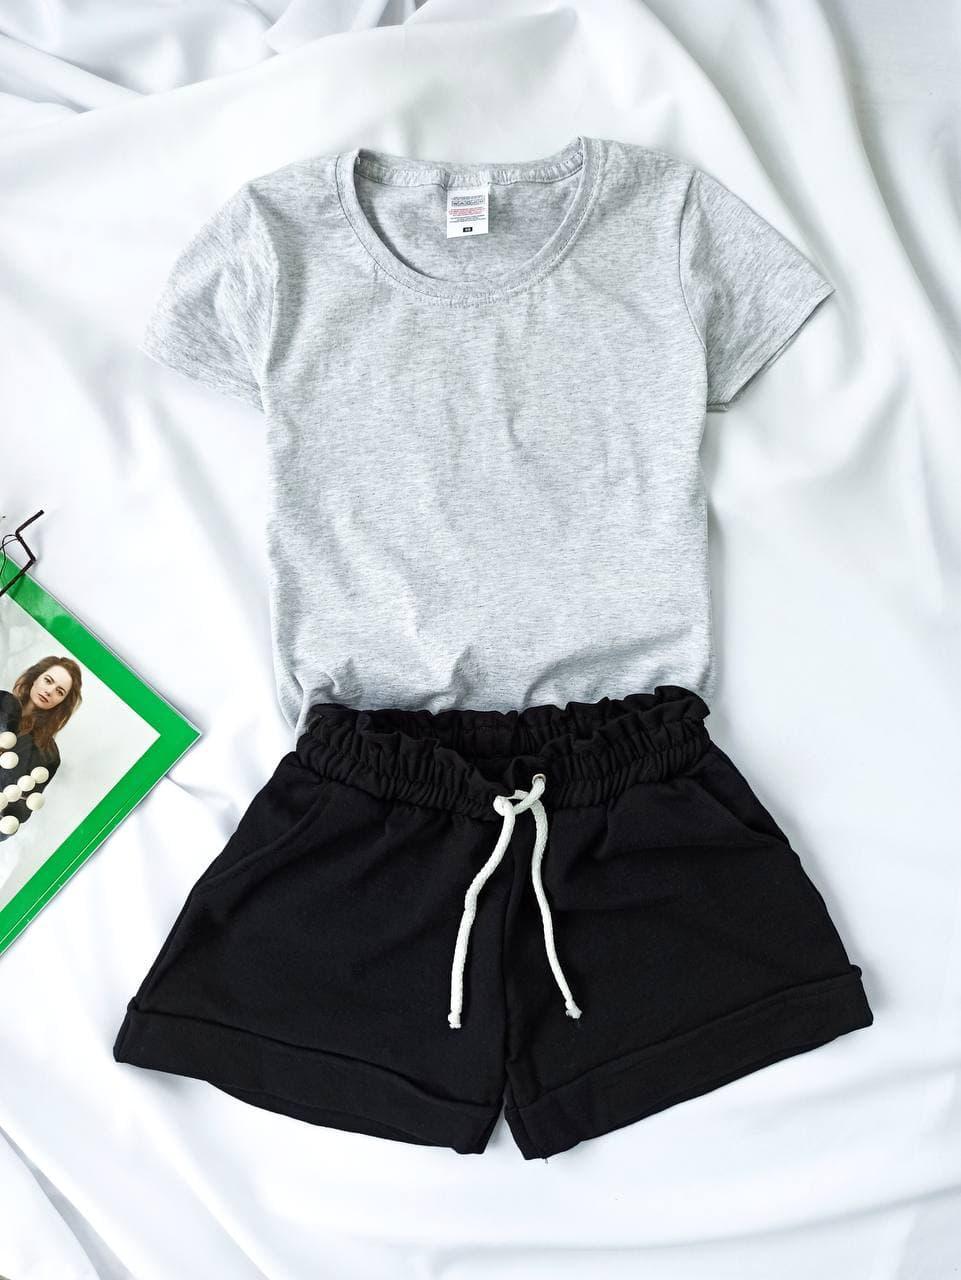 Комплект жіночий базовий (шорти і футболка). Жіночий літній костюм (сіра футболка + чорні шорти).